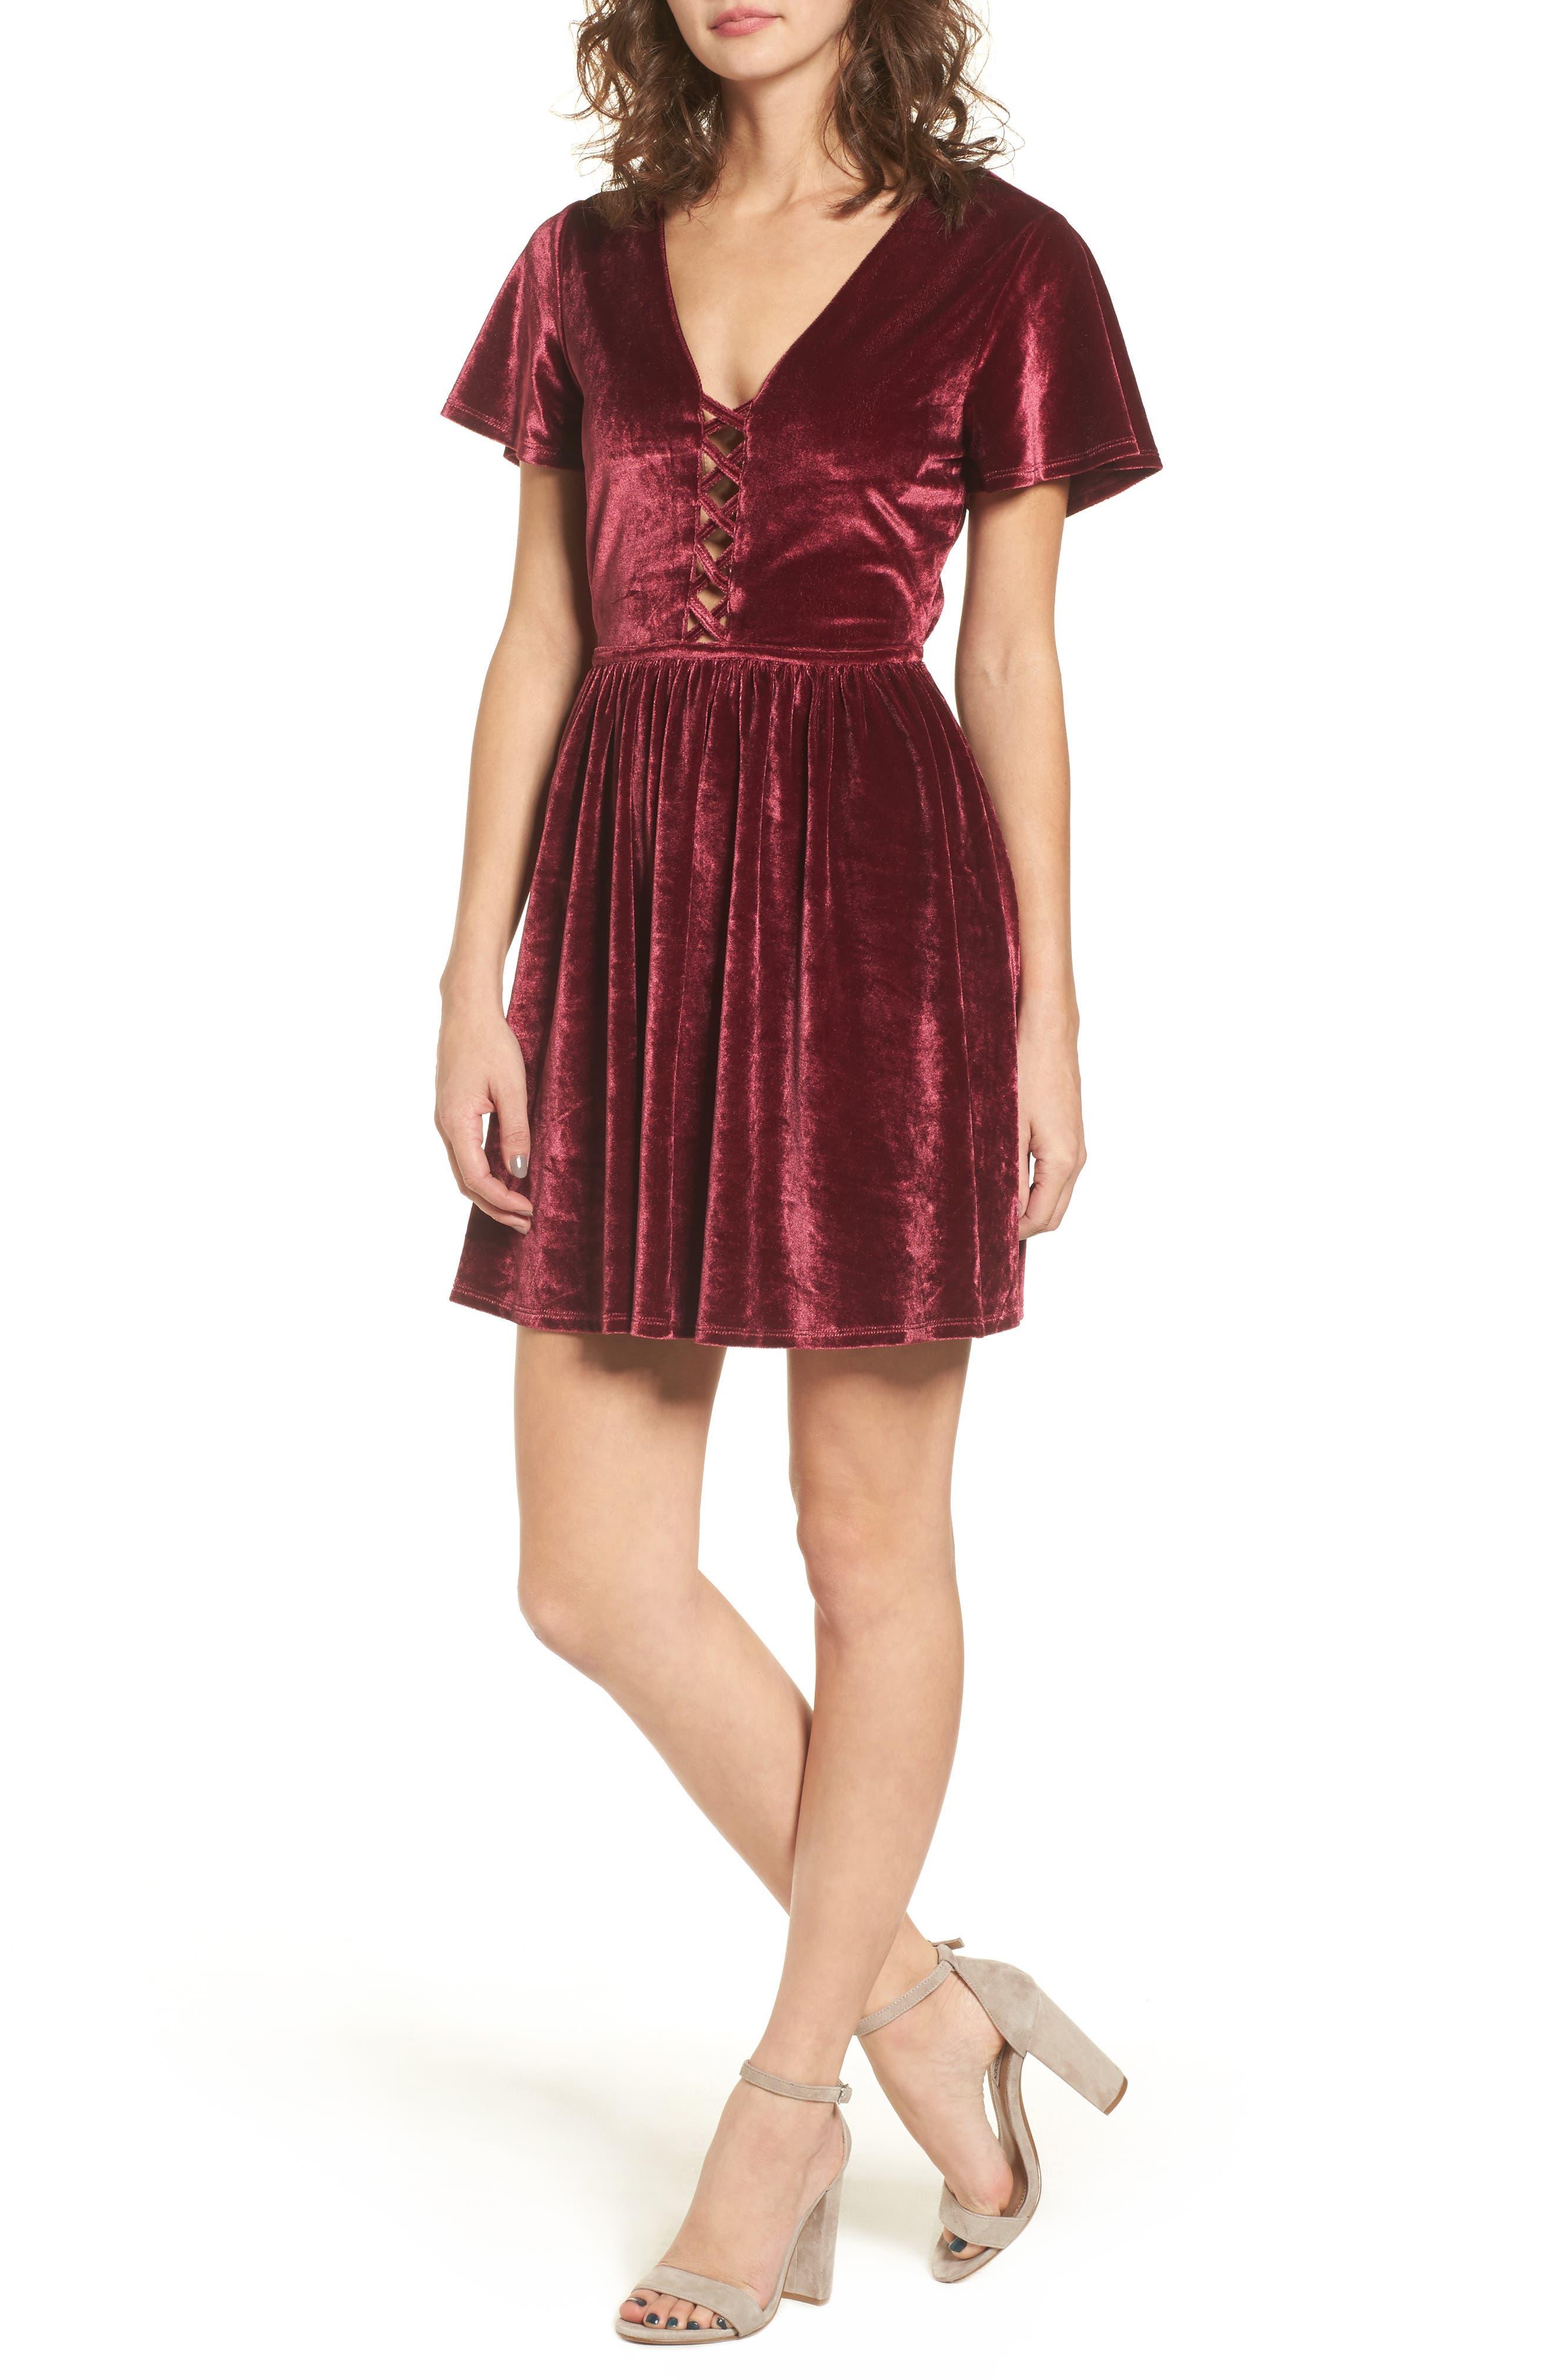 Stone Row Velvacious Dress